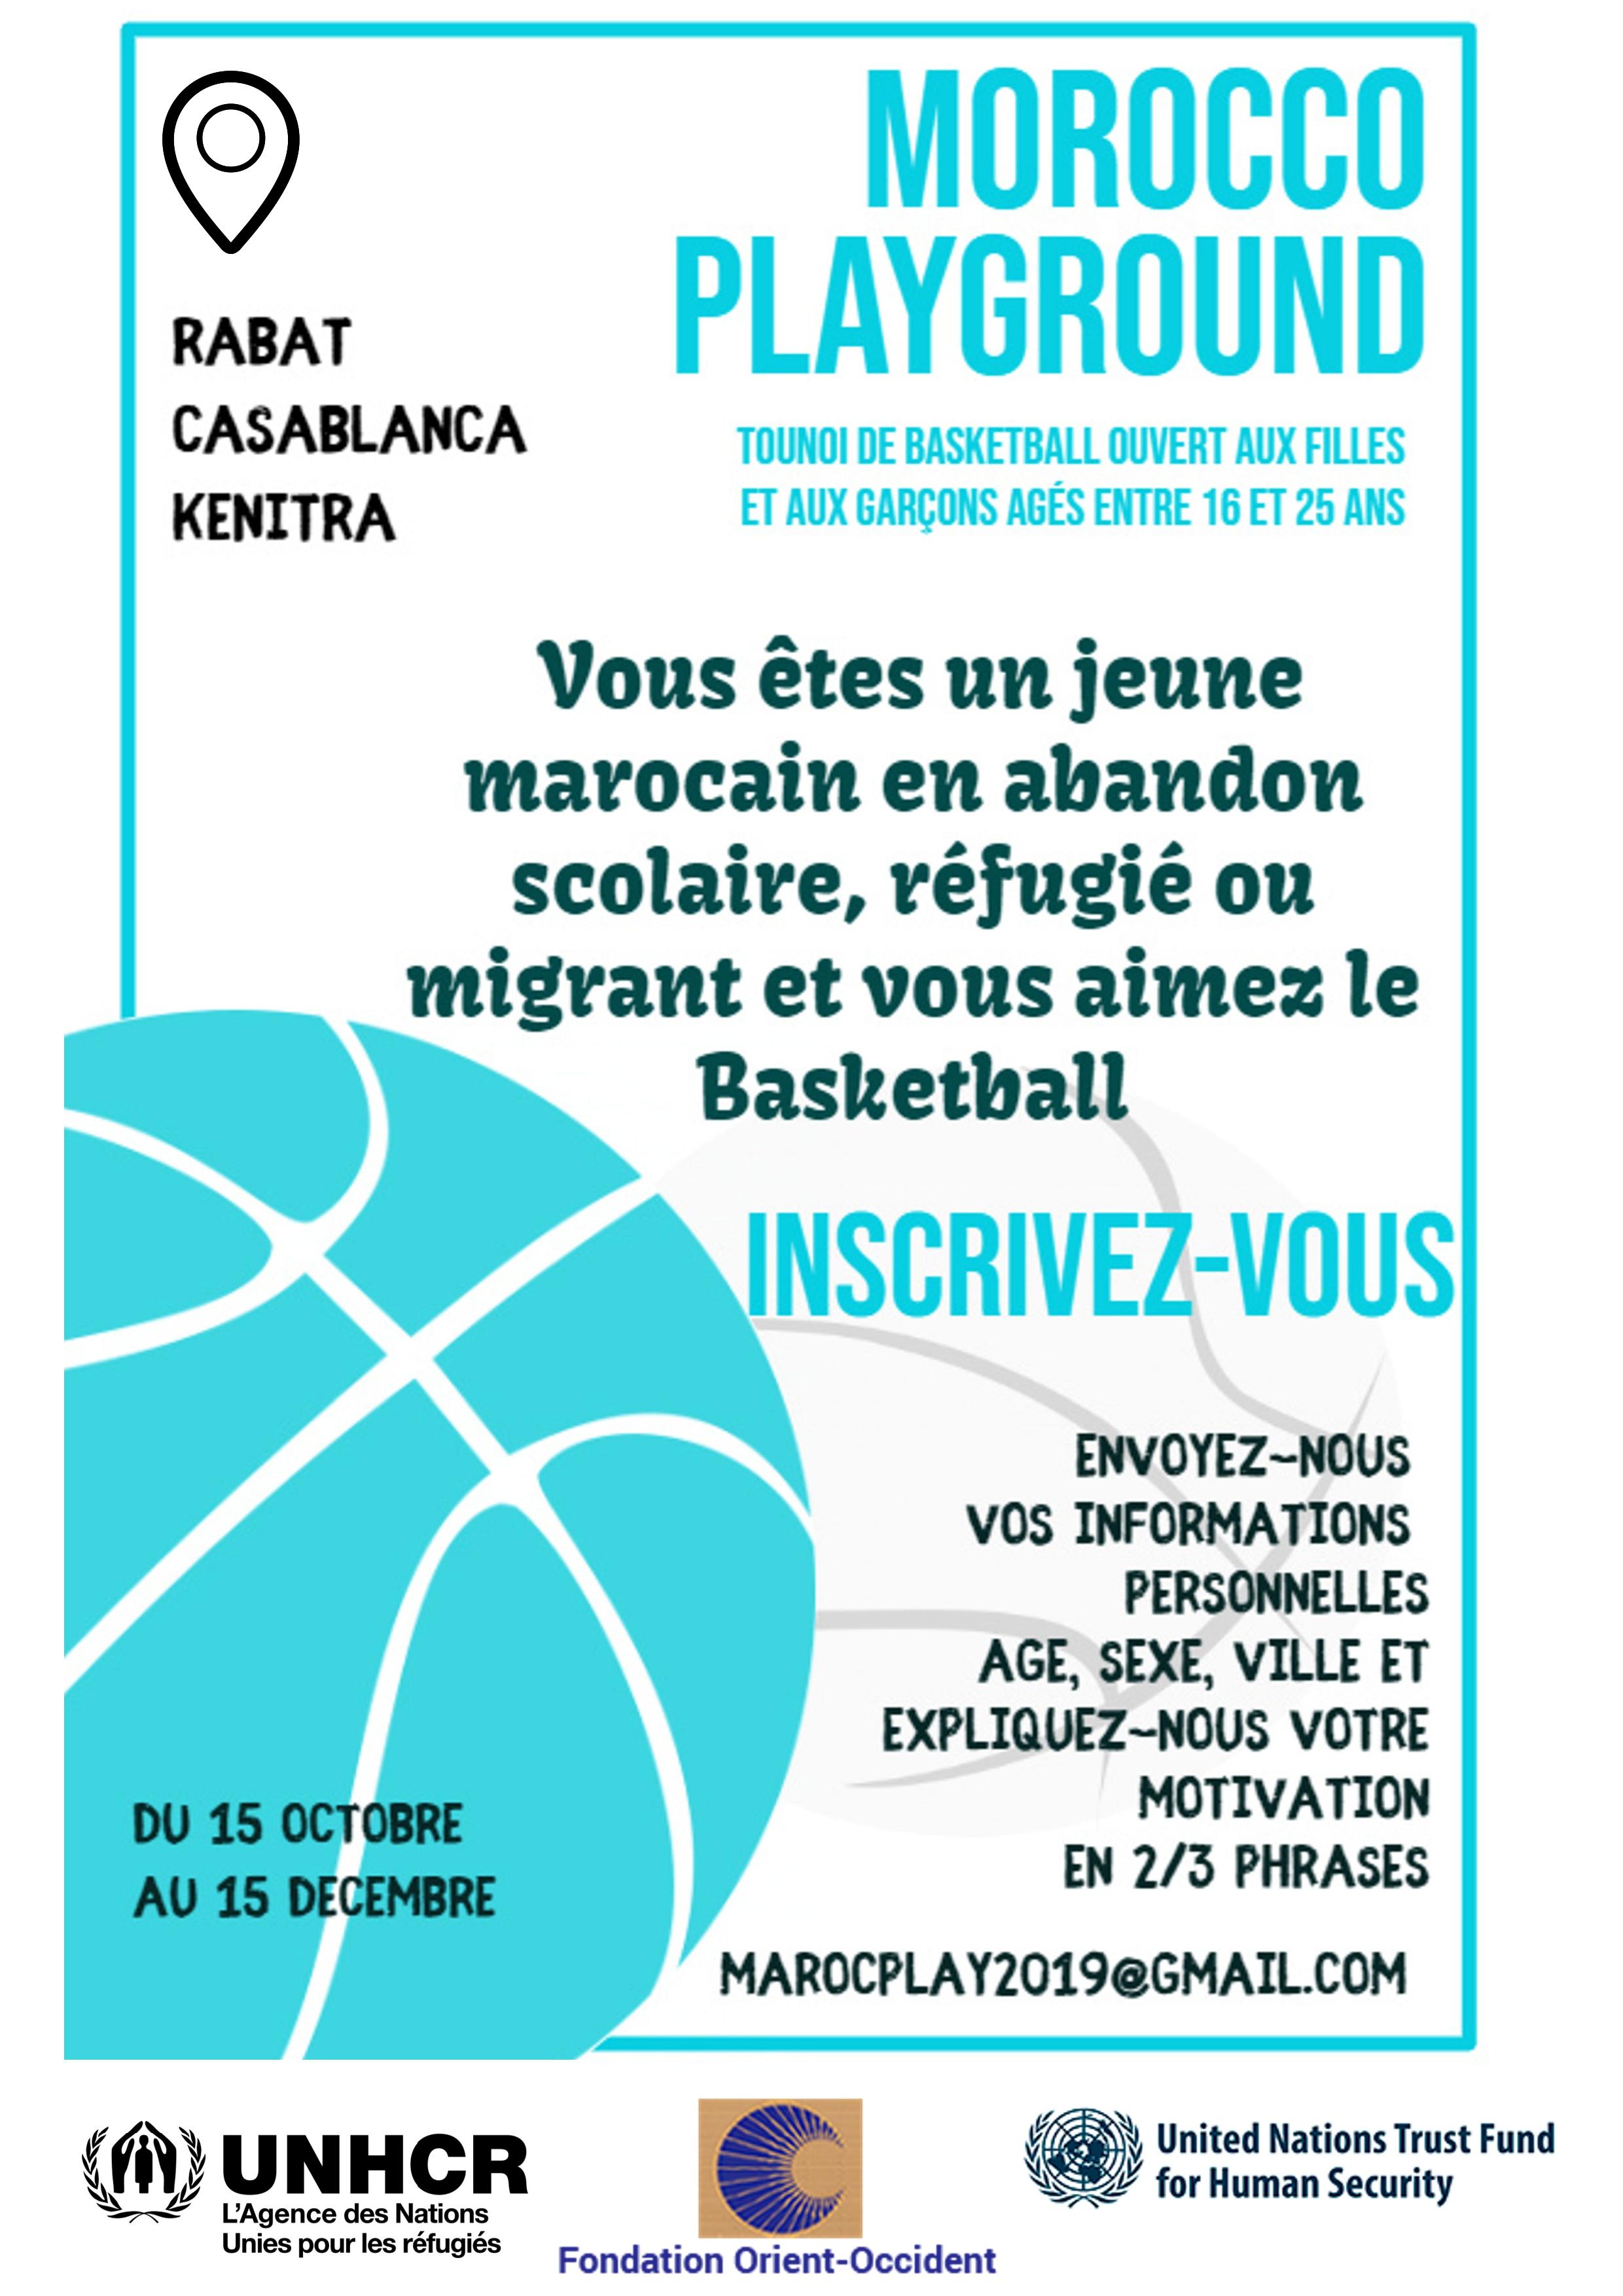 PLAYGROUND MAROC – Tournoi de basket-ball pour garçons et filles marocains, migrants et réfugiés âgés de 16 à 25 ans – Du 15 octobre au 15 décembre.